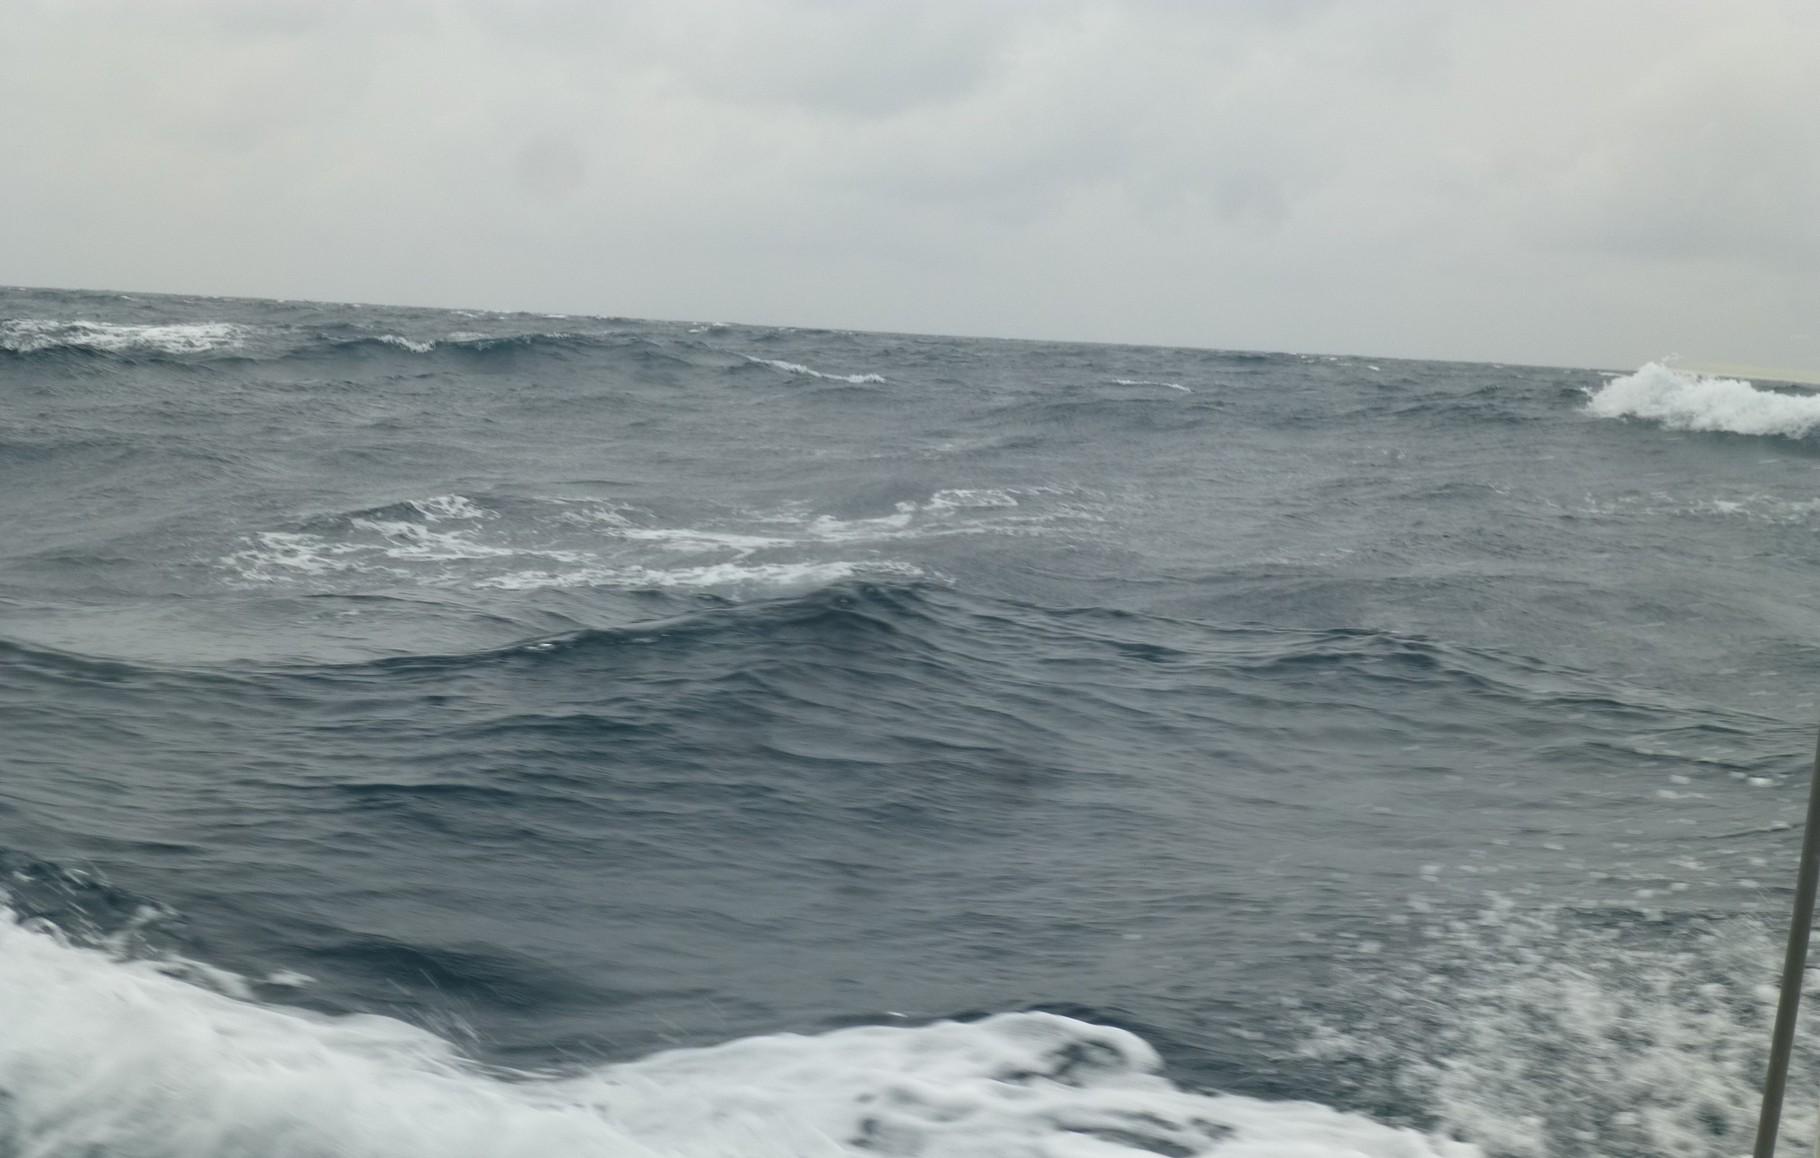 12月10日 段々波が高くなり早めに帰港へ